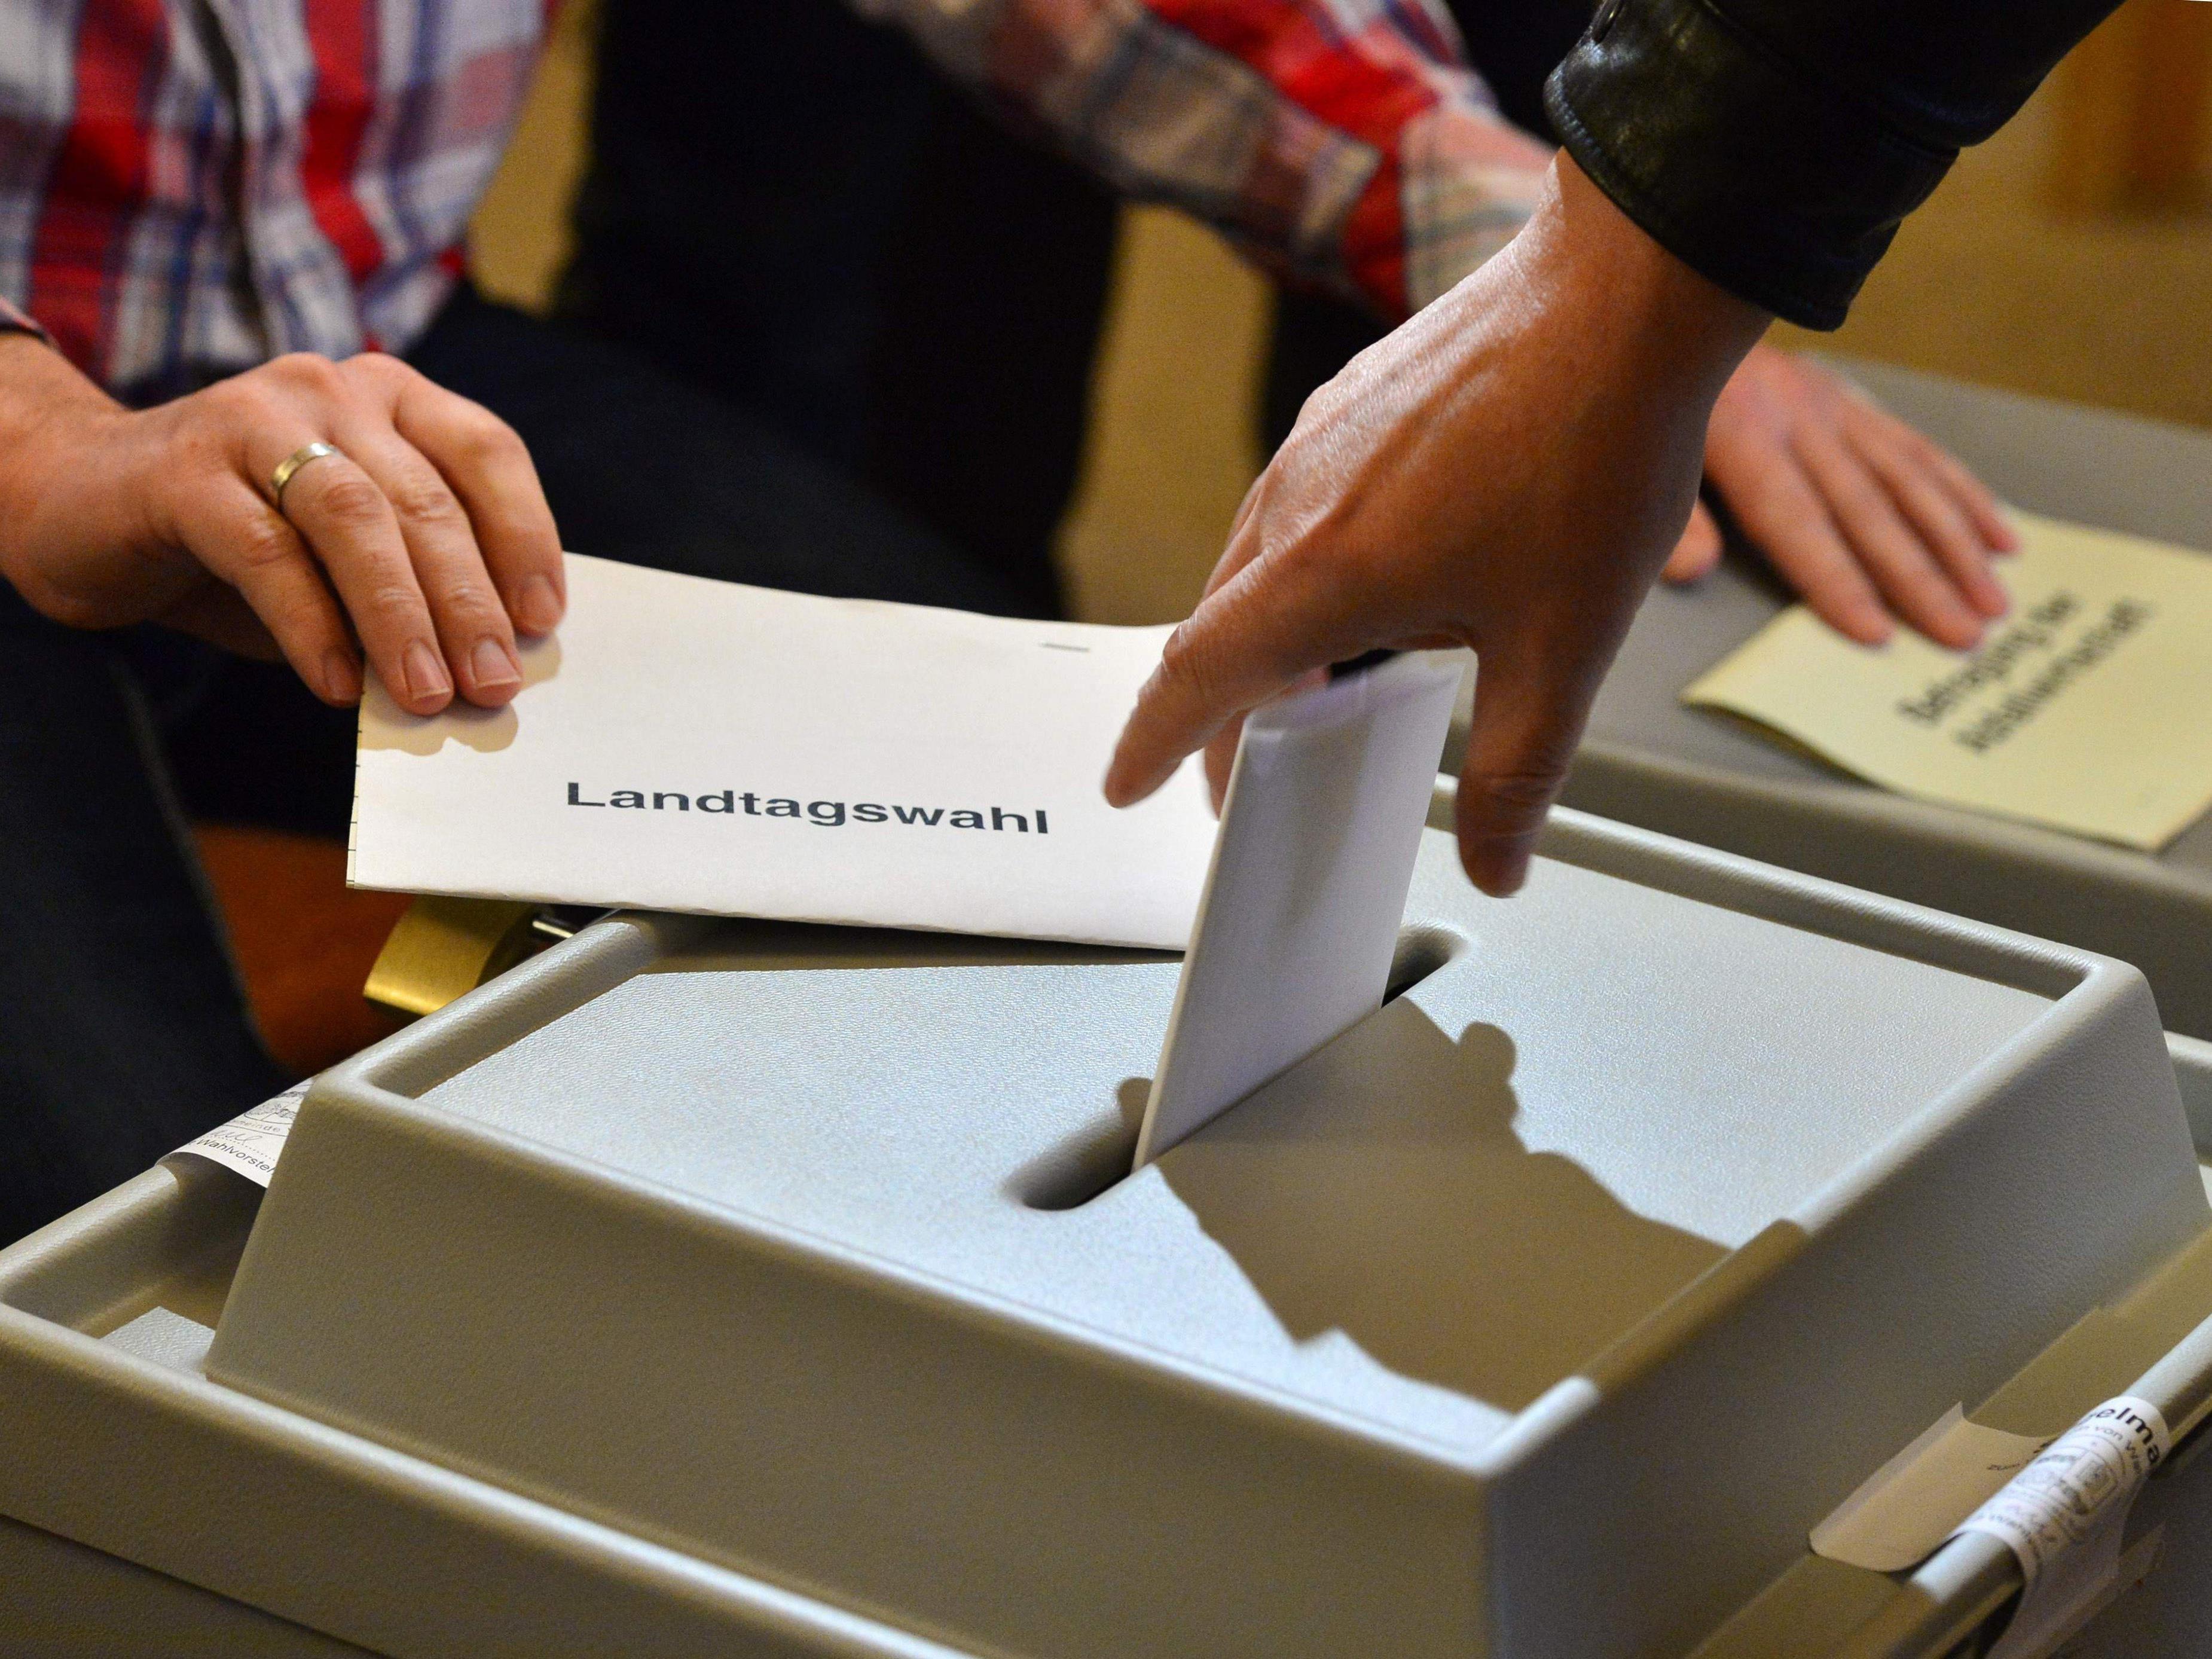 Die ersten Wahlen seit Beginn der Flüchtlingskrise in Deutschland wirbeln die Parteienlandschaft durcheinander.